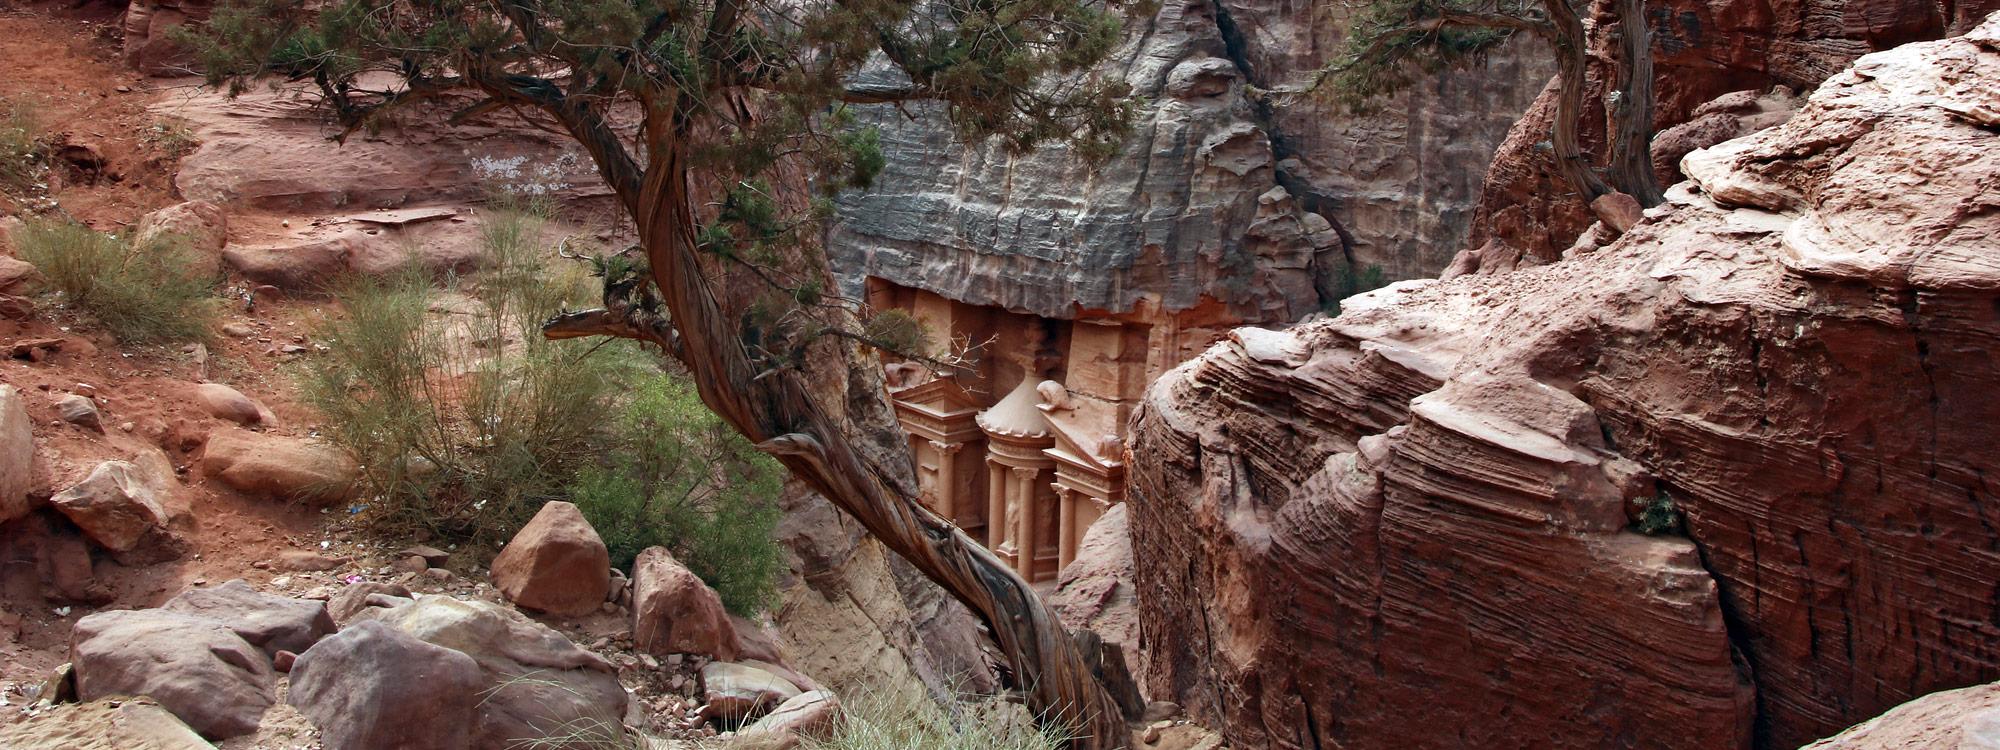 Jabal al-Khubtha